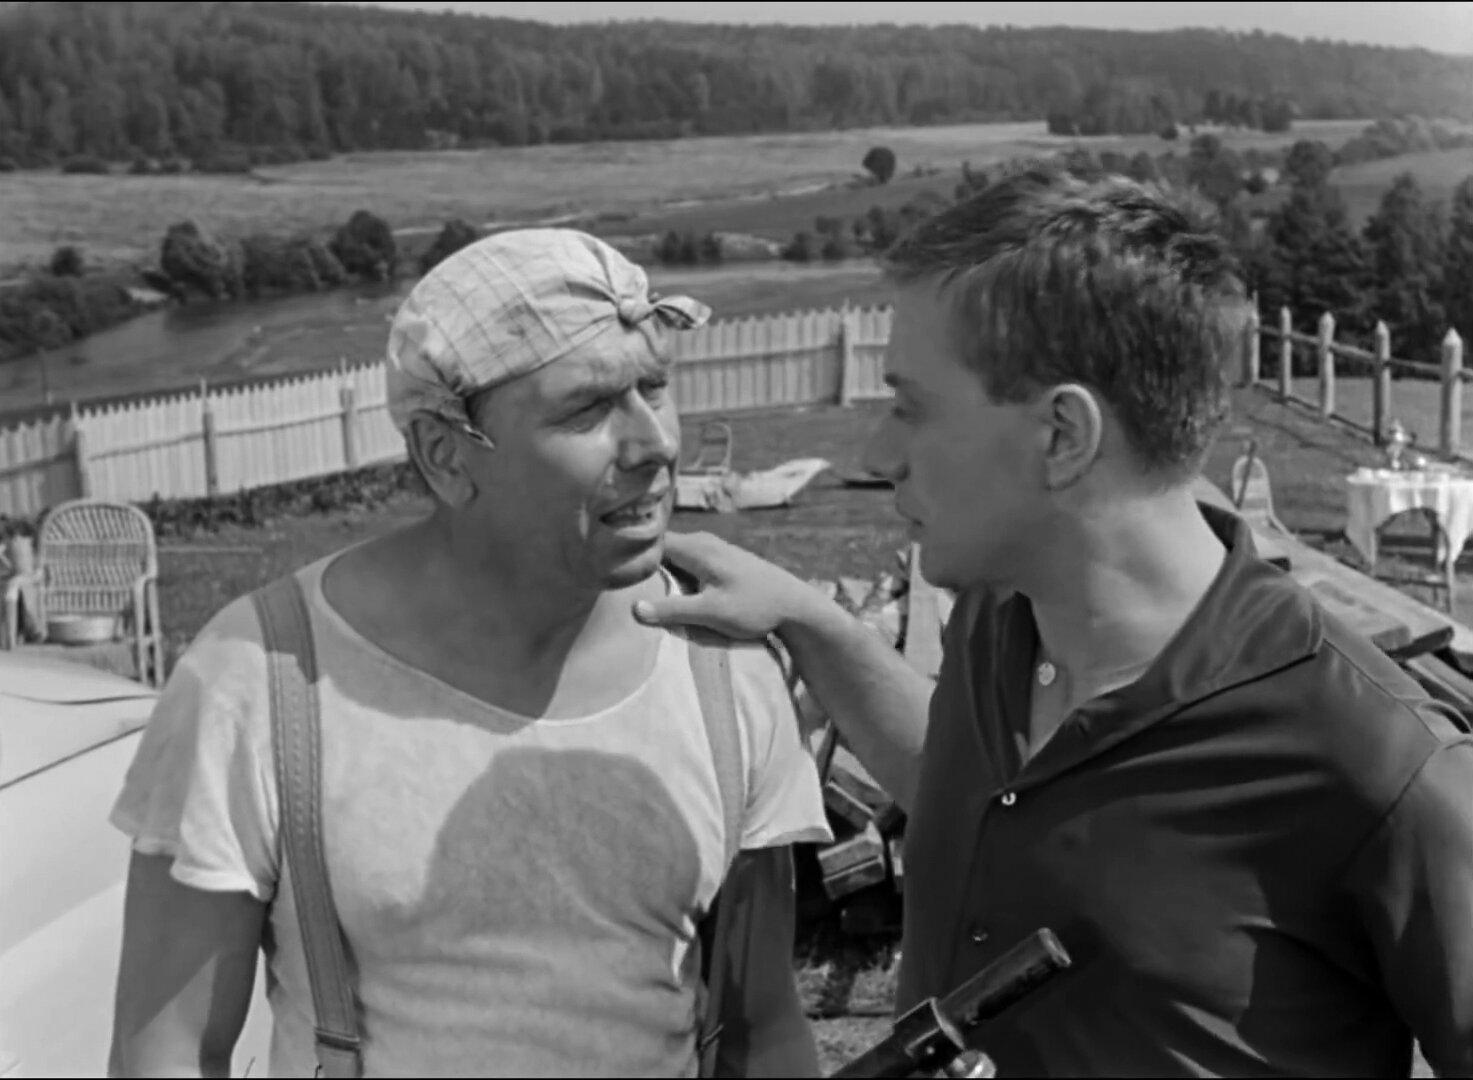 Кадр из фильма «Берегись автомобиля». Режиссер Э. Рязанов. 1966 год